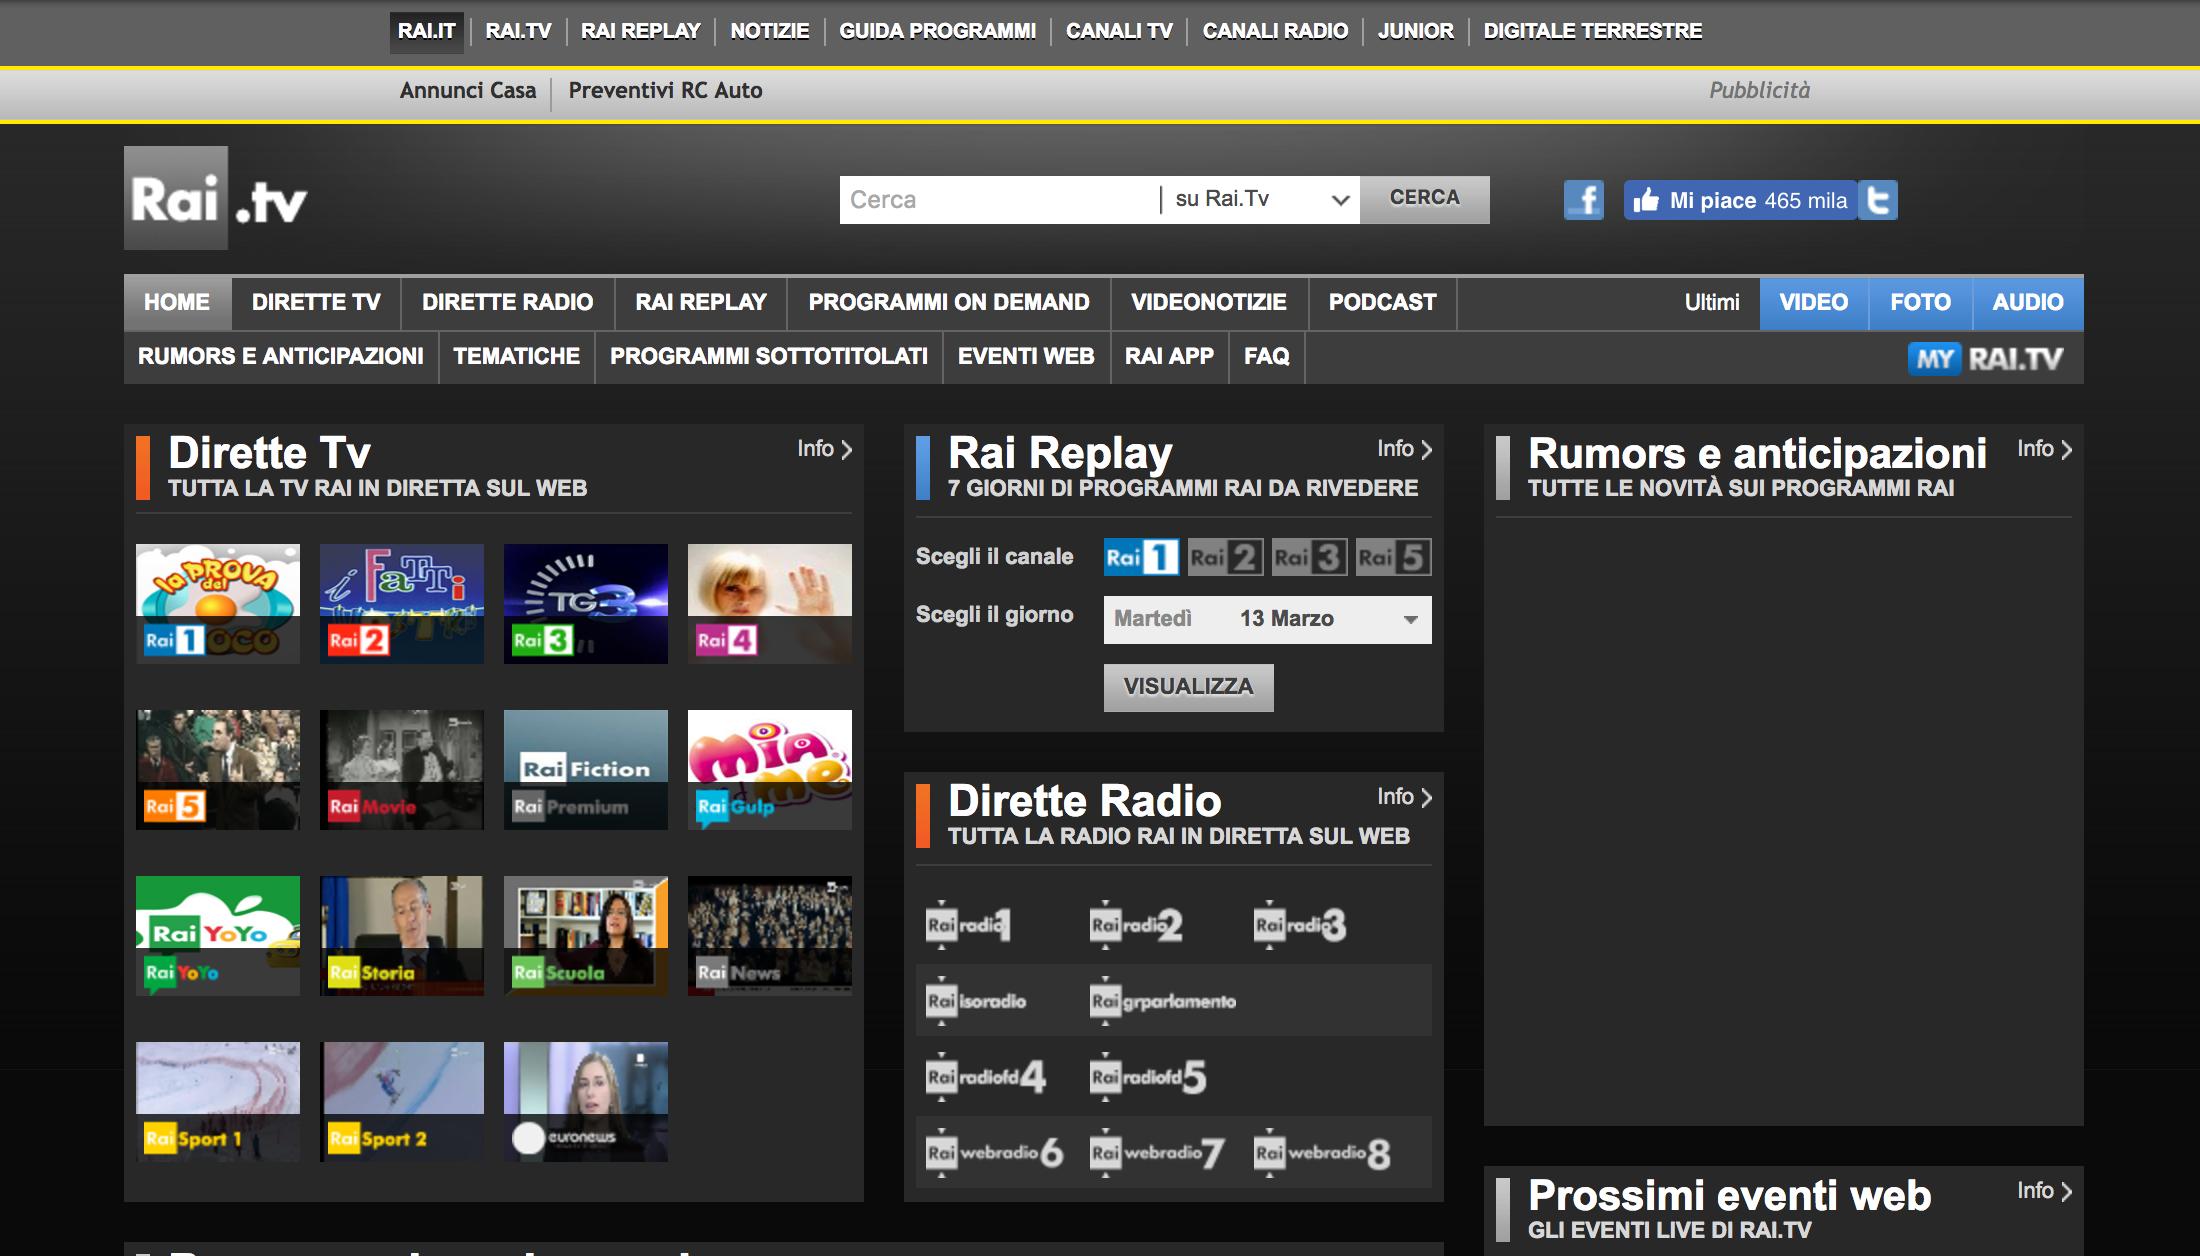 Rai.tv come si presentava nel 2014